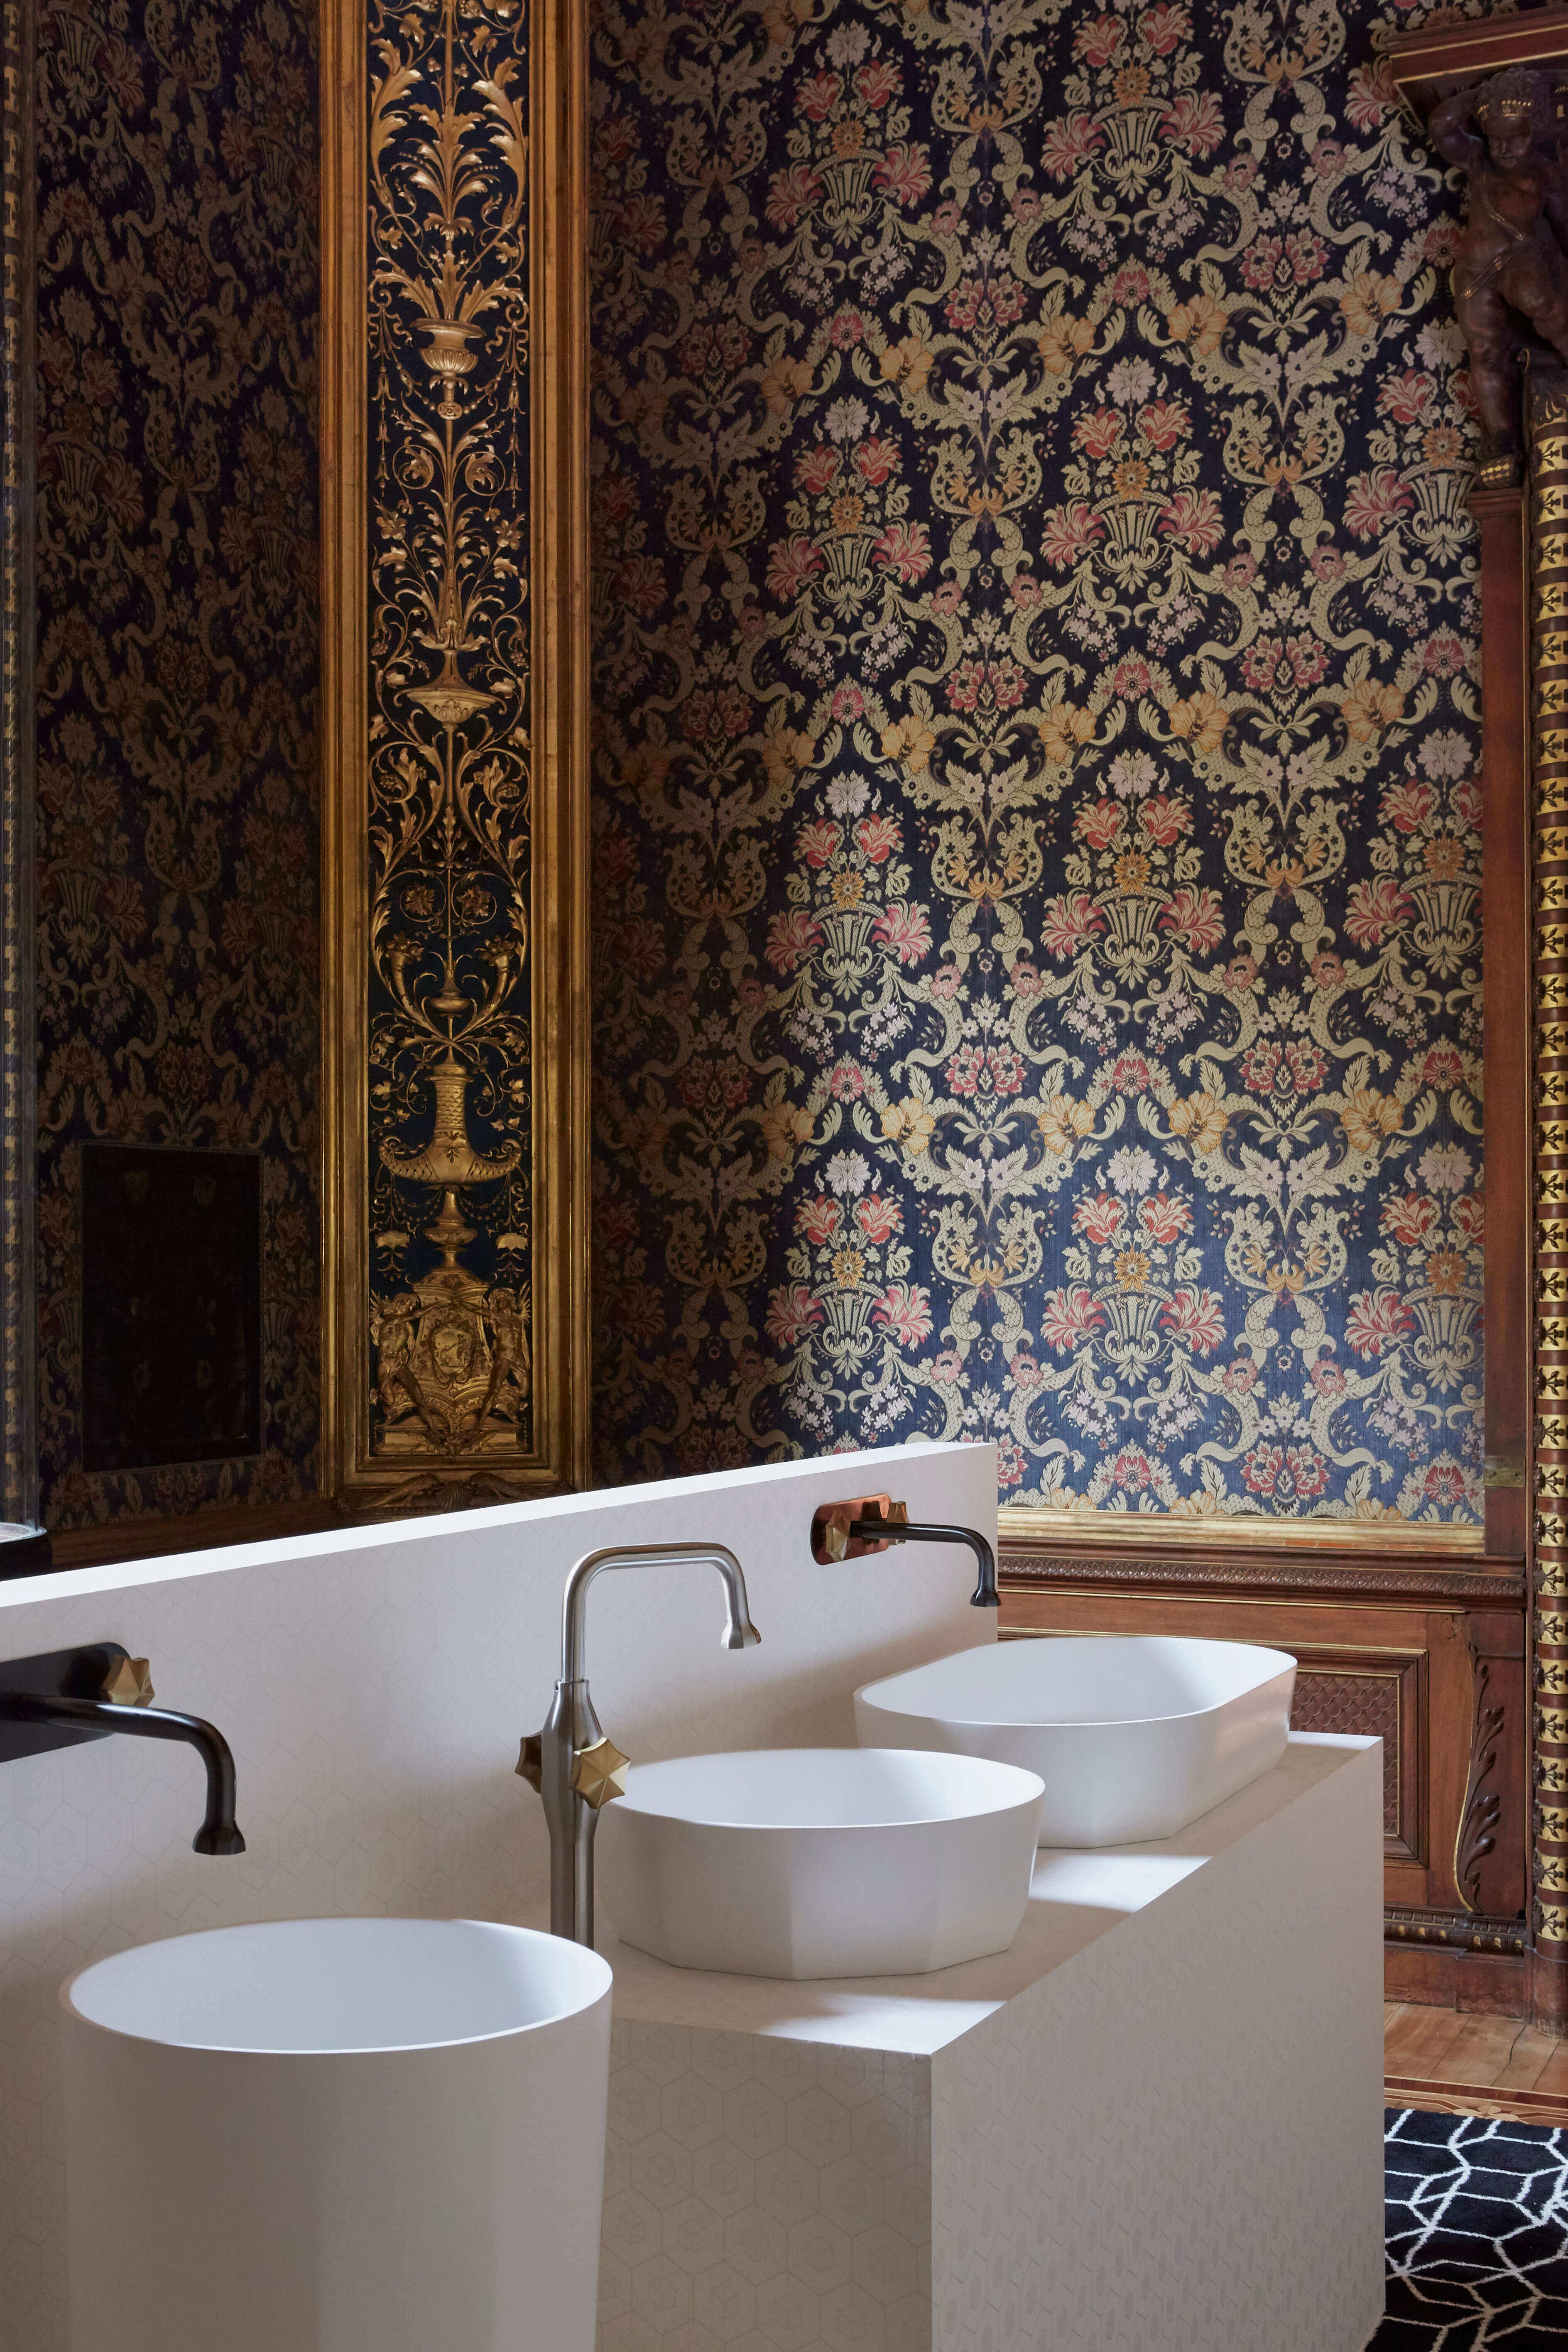 Es ist oftmals der Kontrast, der den unsagbaren Reiz ausmacht.: Lakonische Waschbecken zu opulenten Tapeten gezeigt in Mailand von JEE-O auf der Design Week